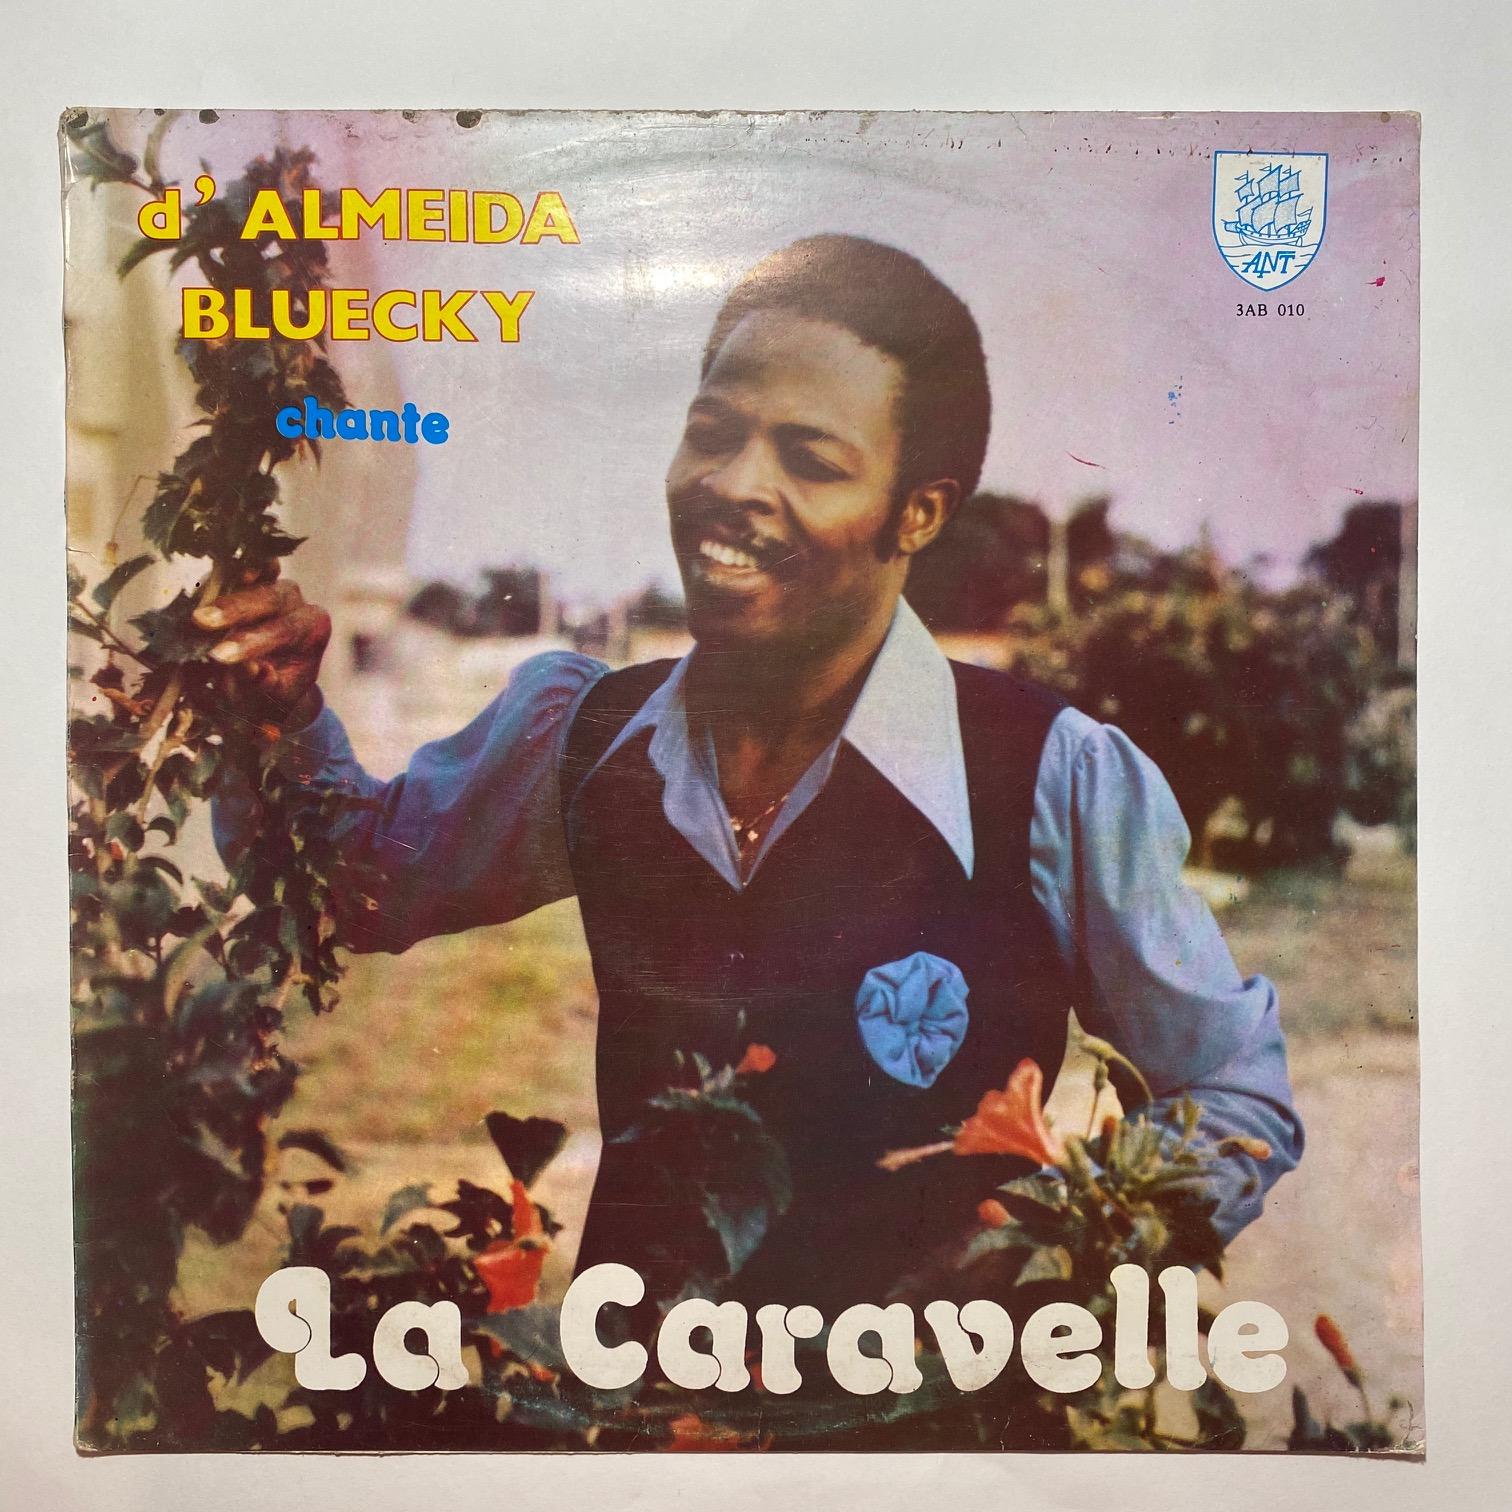 D'ALMEIDA BLUECKY - Chante la caravelle - LP